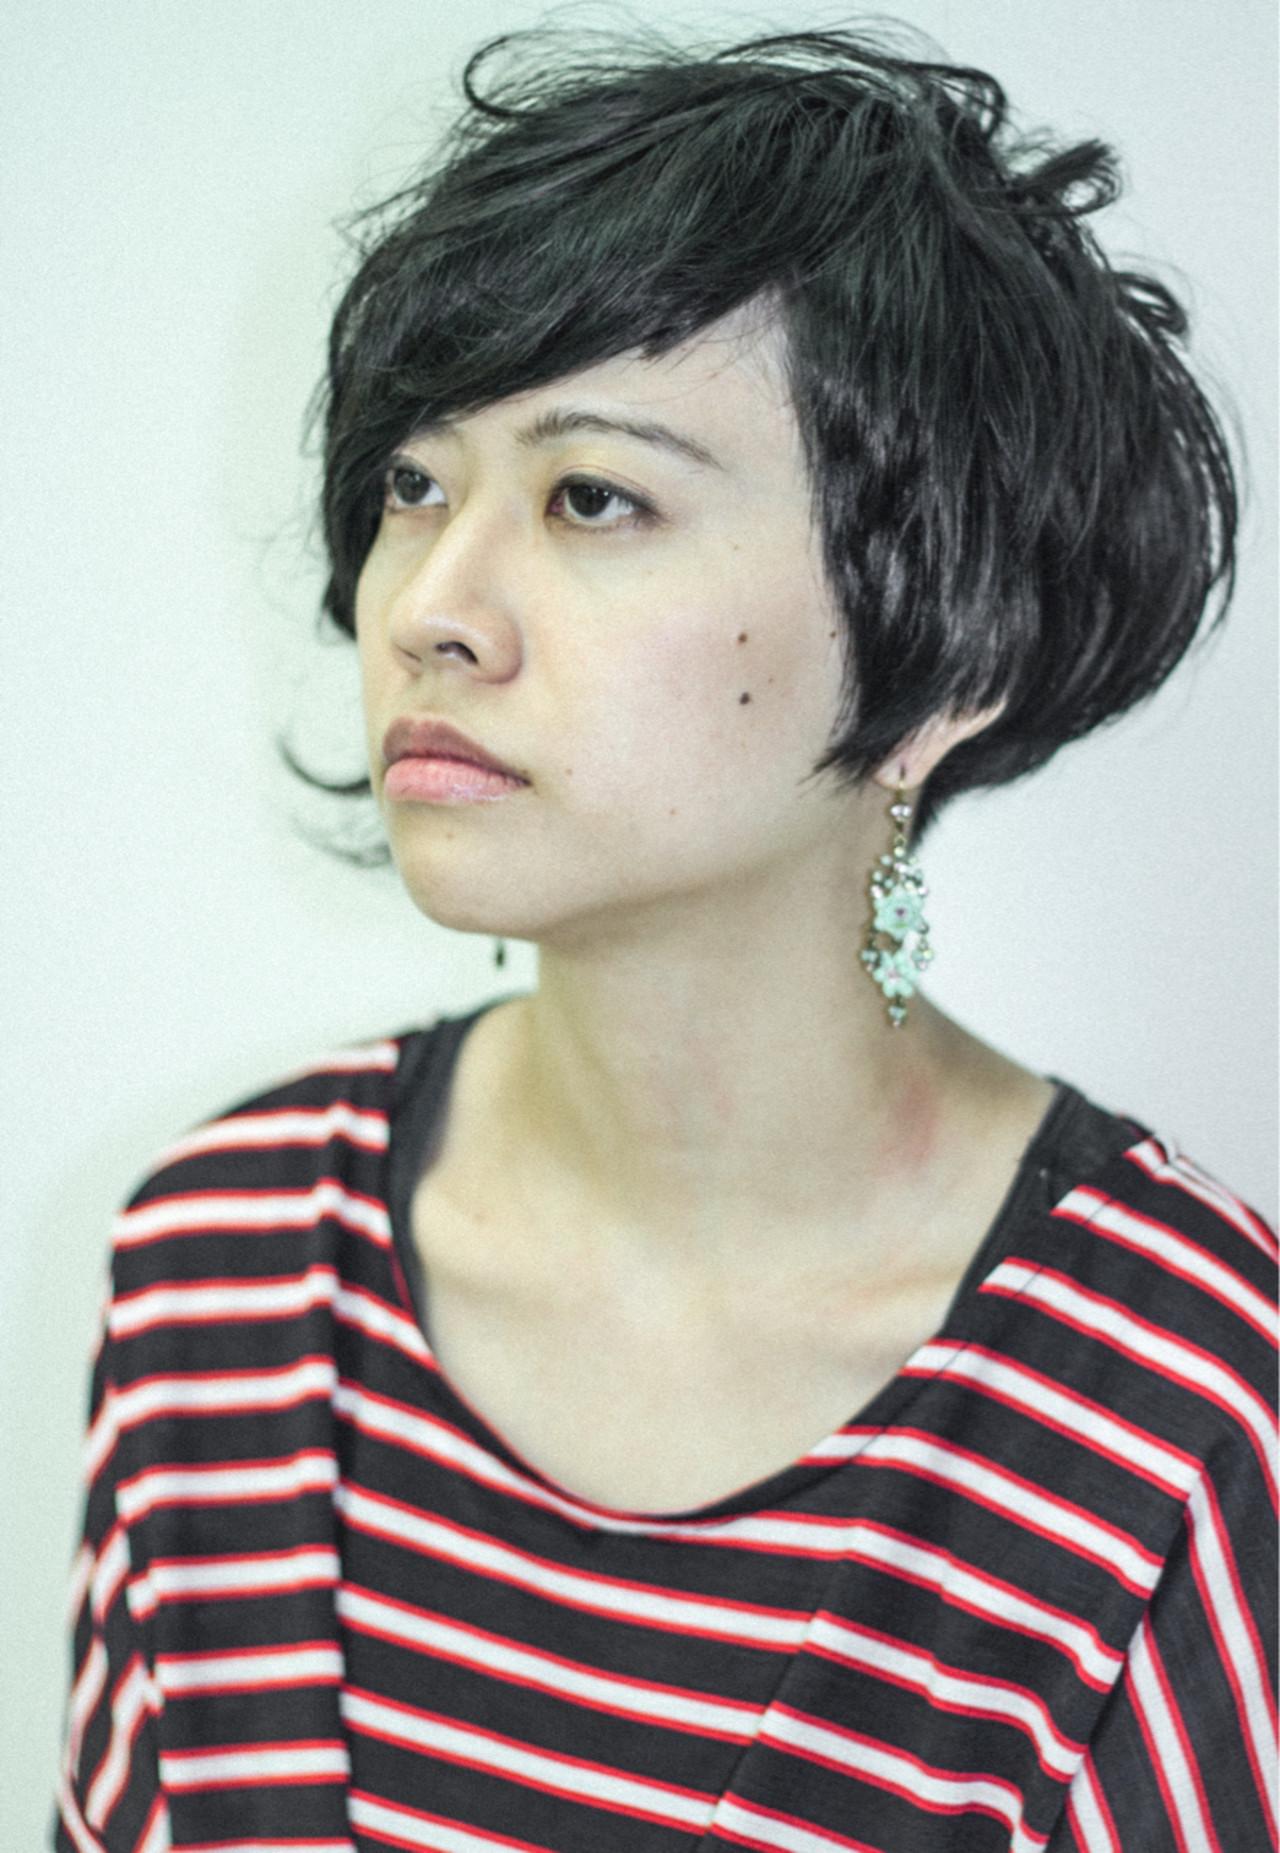 ショート かっこいい くせ毛風 黒髪 ヘアスタイルや髪型の写真・画像